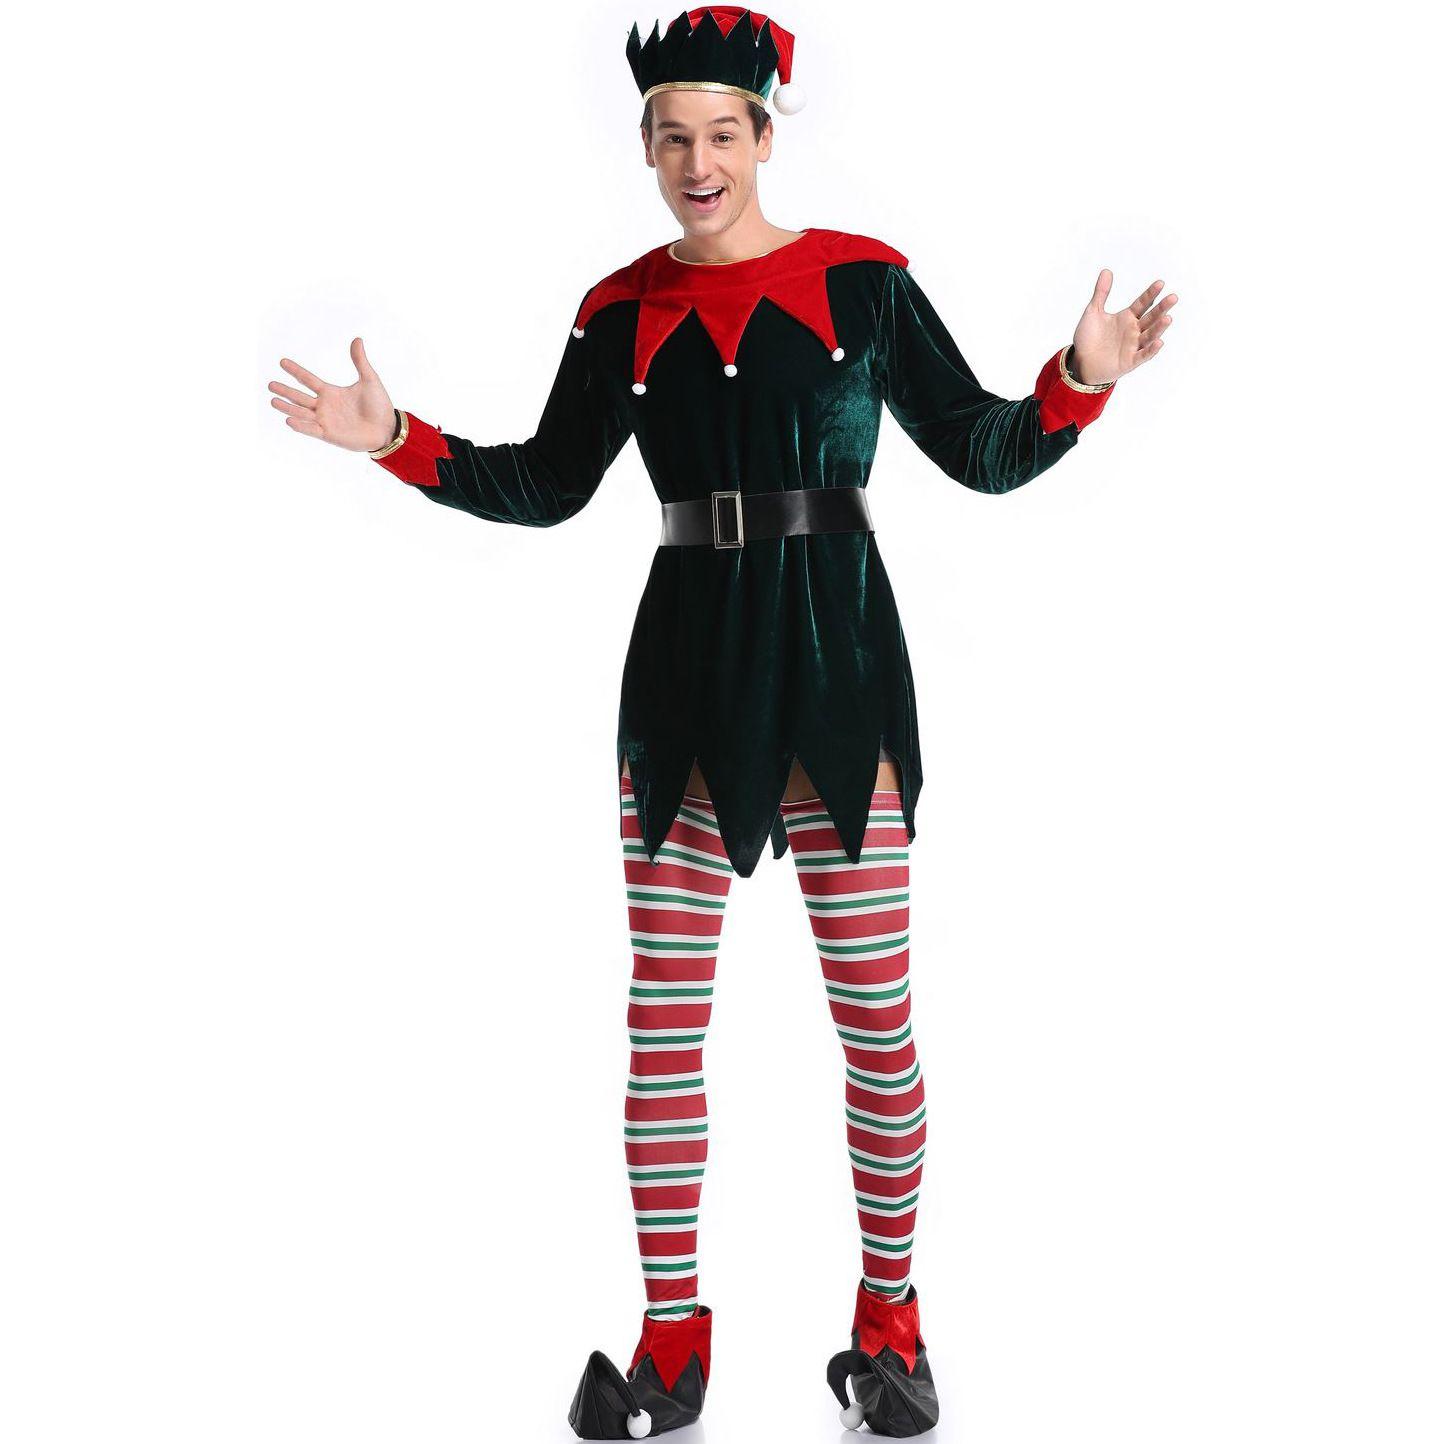 Disfraces para hombre celebración de días festivos anuales hombre Escenario Actuaciones temático Cosplay Ropa de hombre Ropa de moda Festival